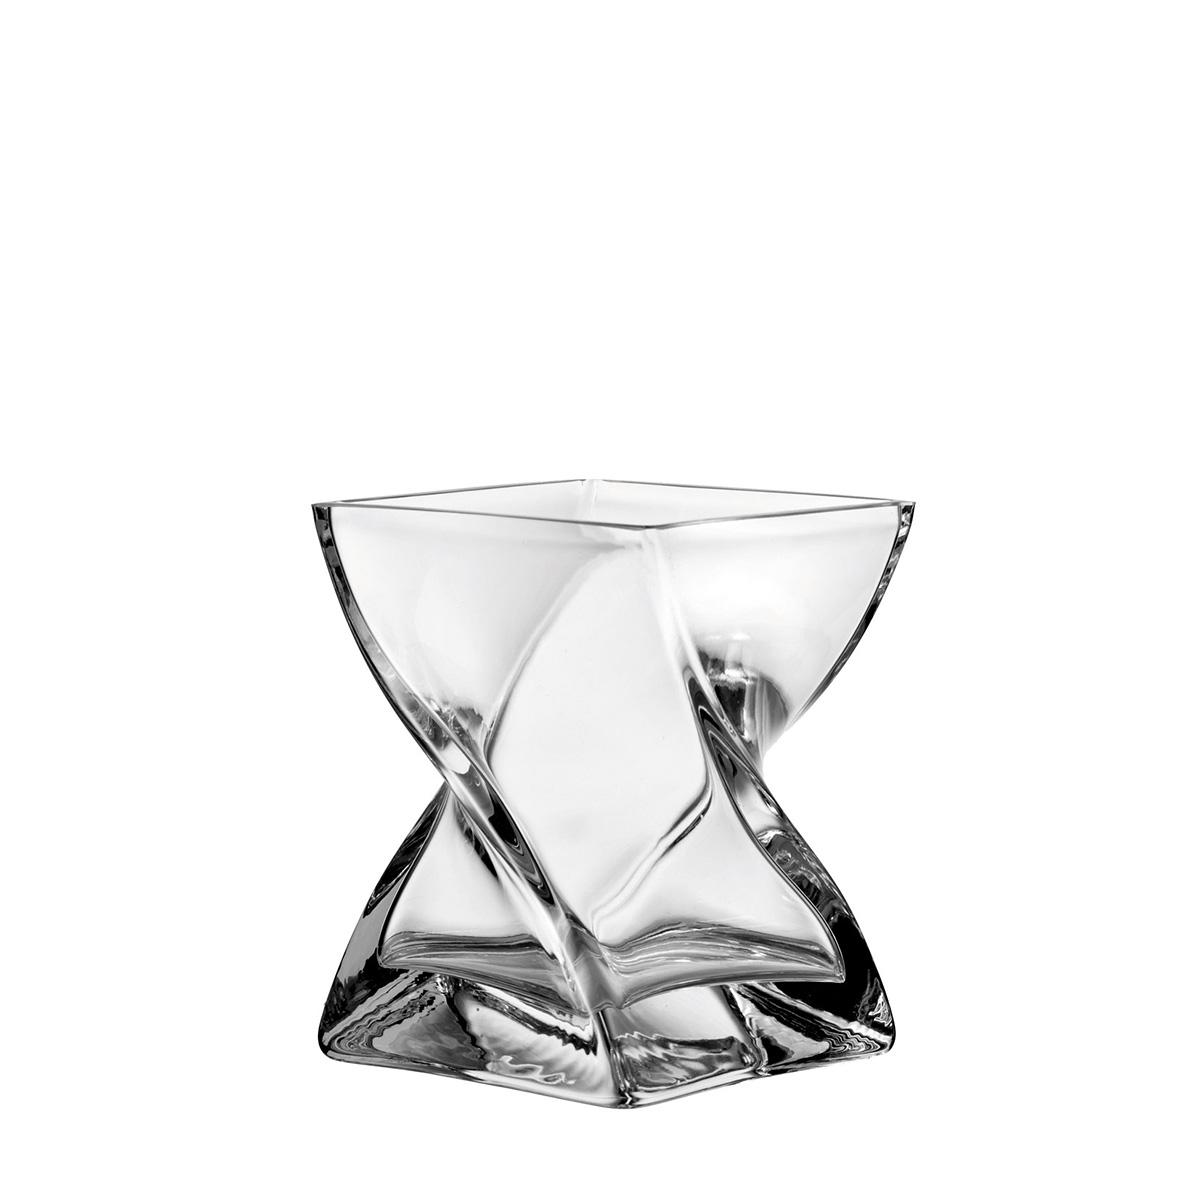 Staklena vaza Swirl 17 - 14108